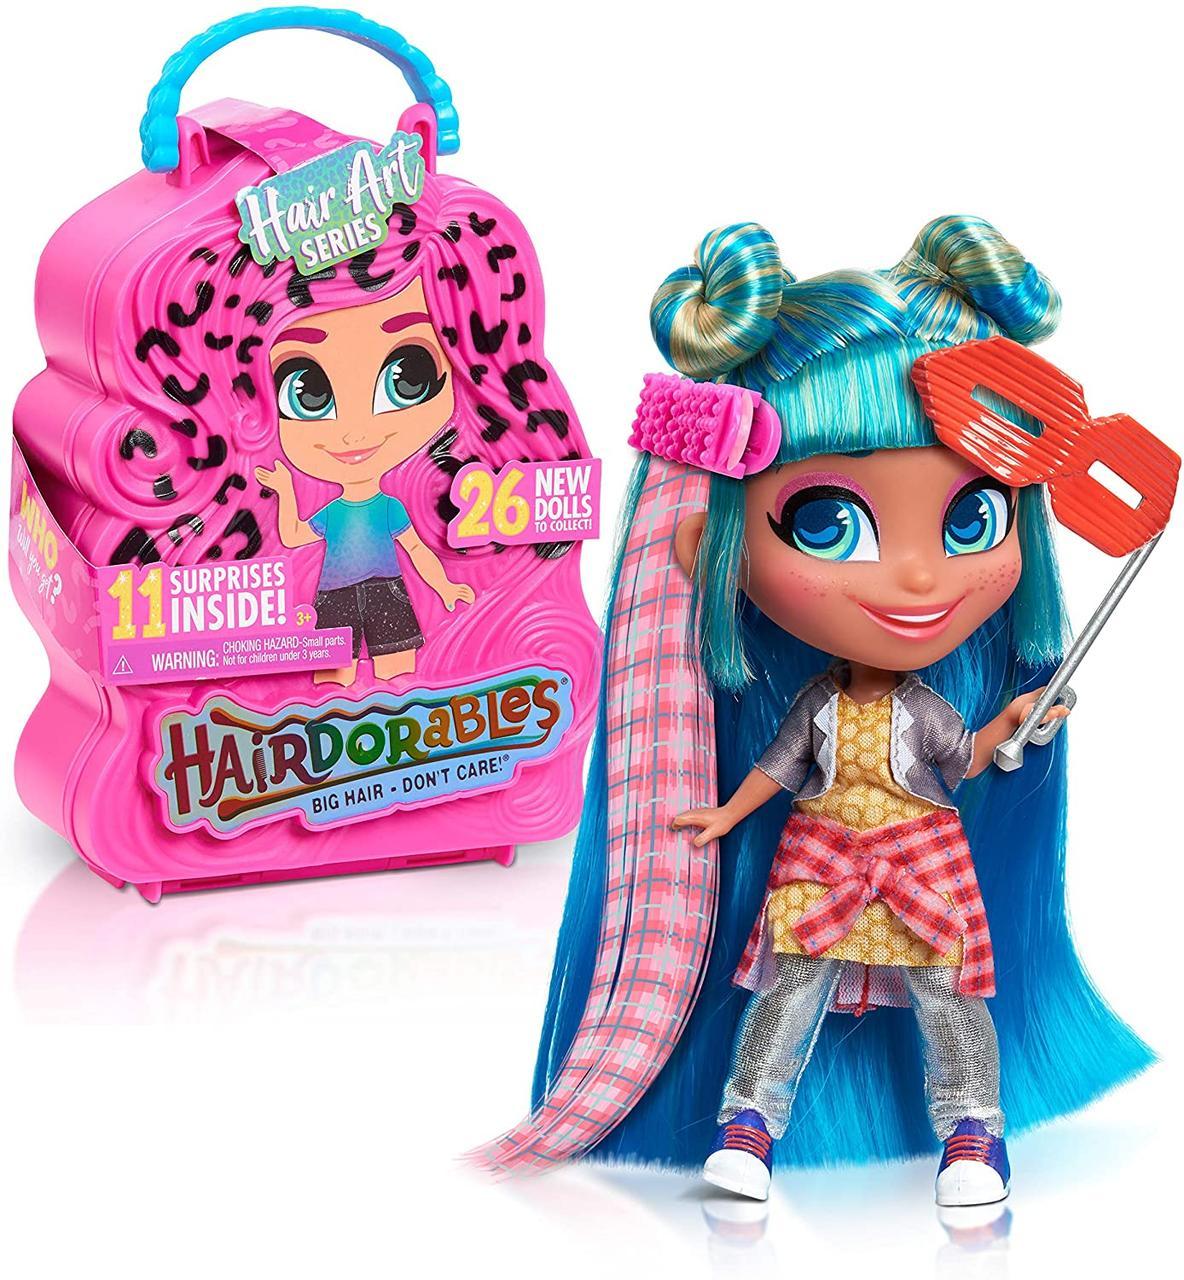 Кукла Hairdorables Хэрдораблс 5 серия Hair Art Series